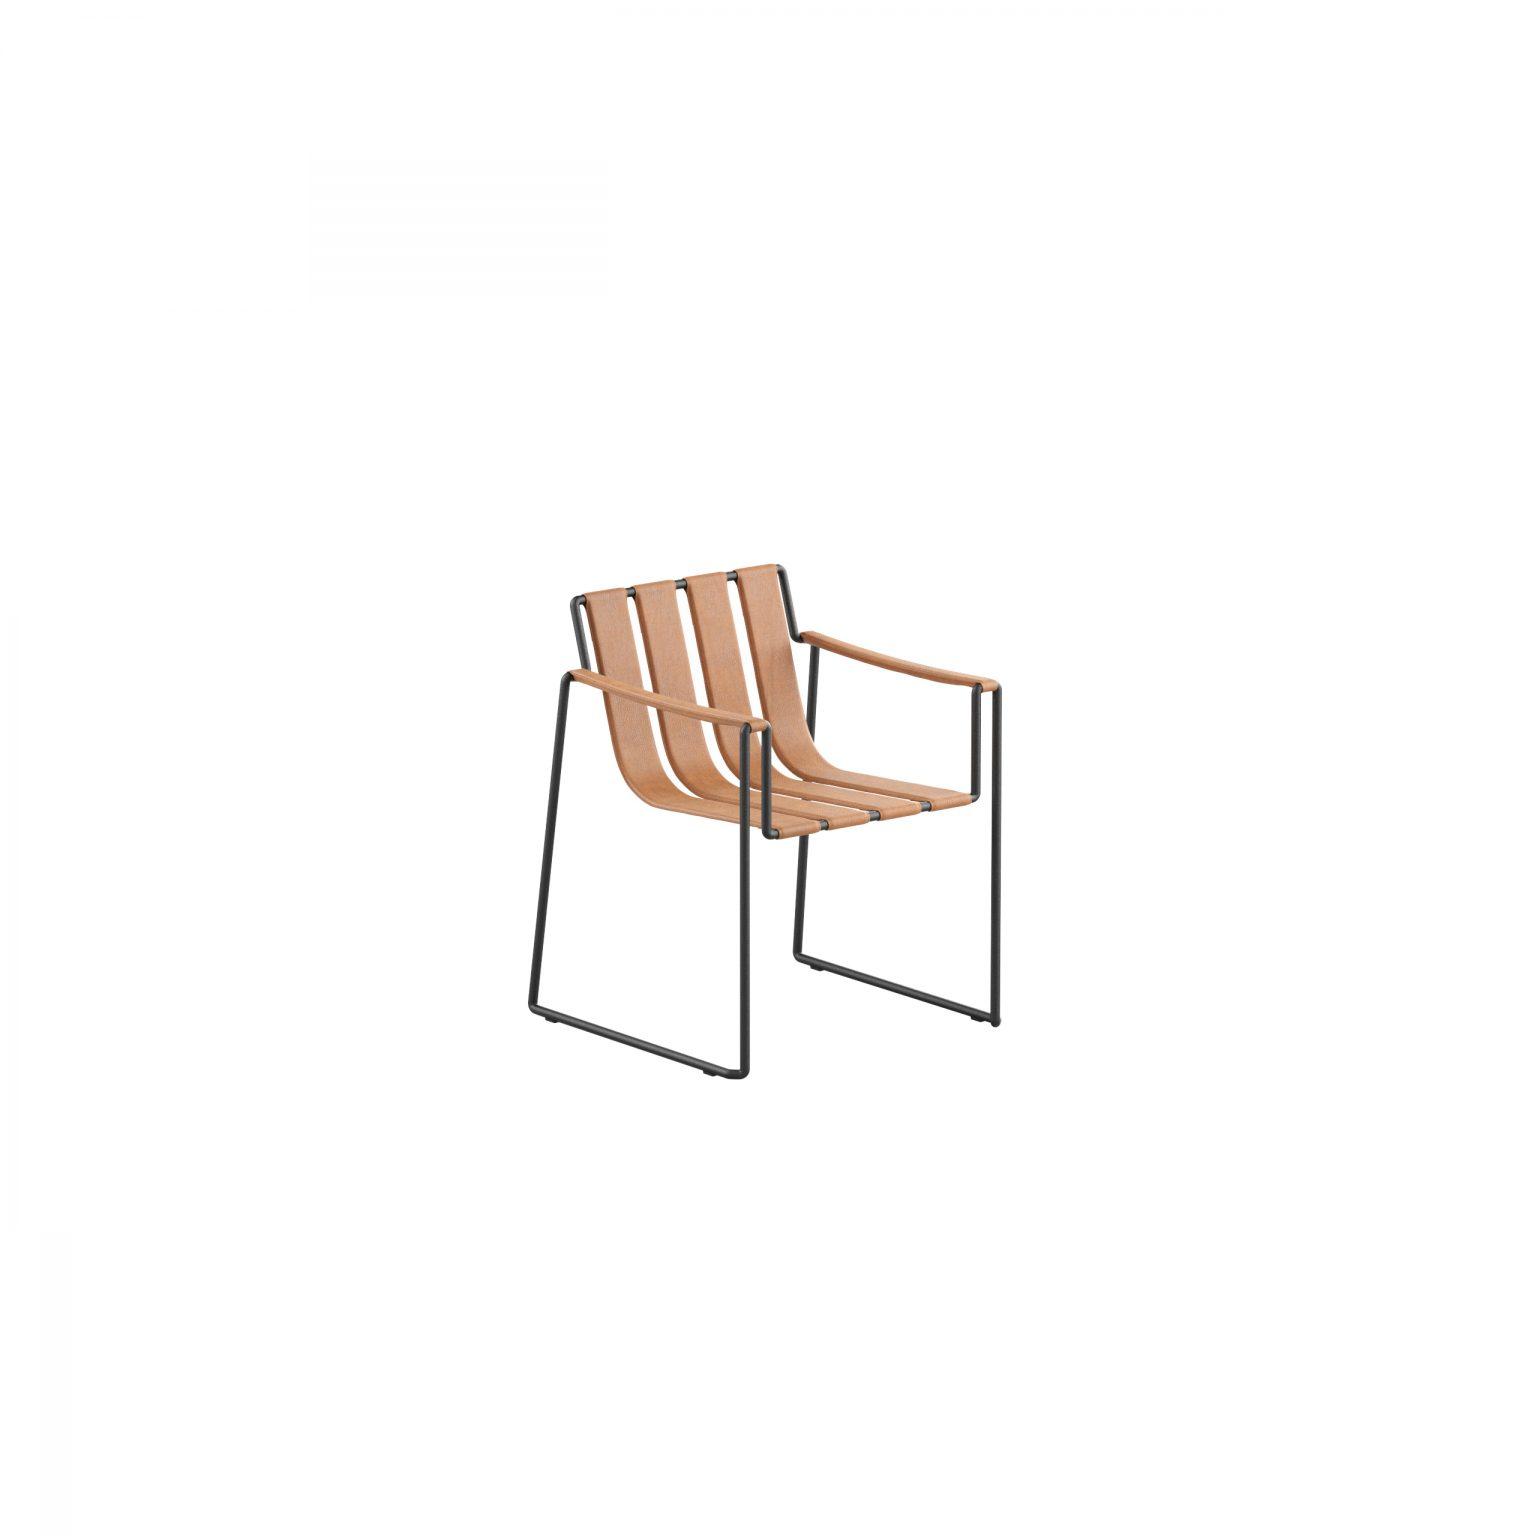 Biennale Interieur - Belgium's leading design and interior event - Stp55asco.jpg